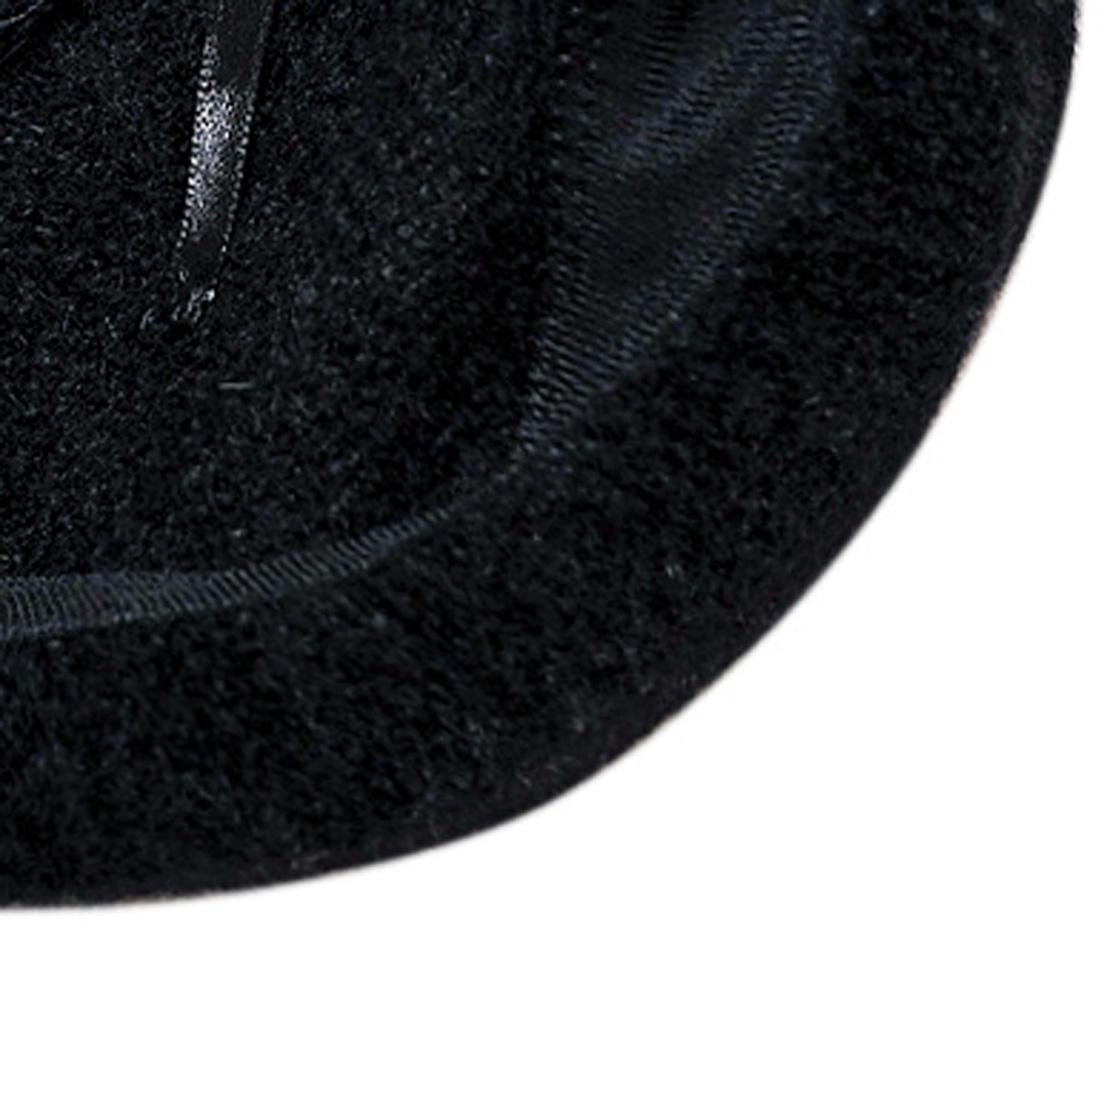 Mũ nồi len thời trang cao cấp màu đen EH44-1